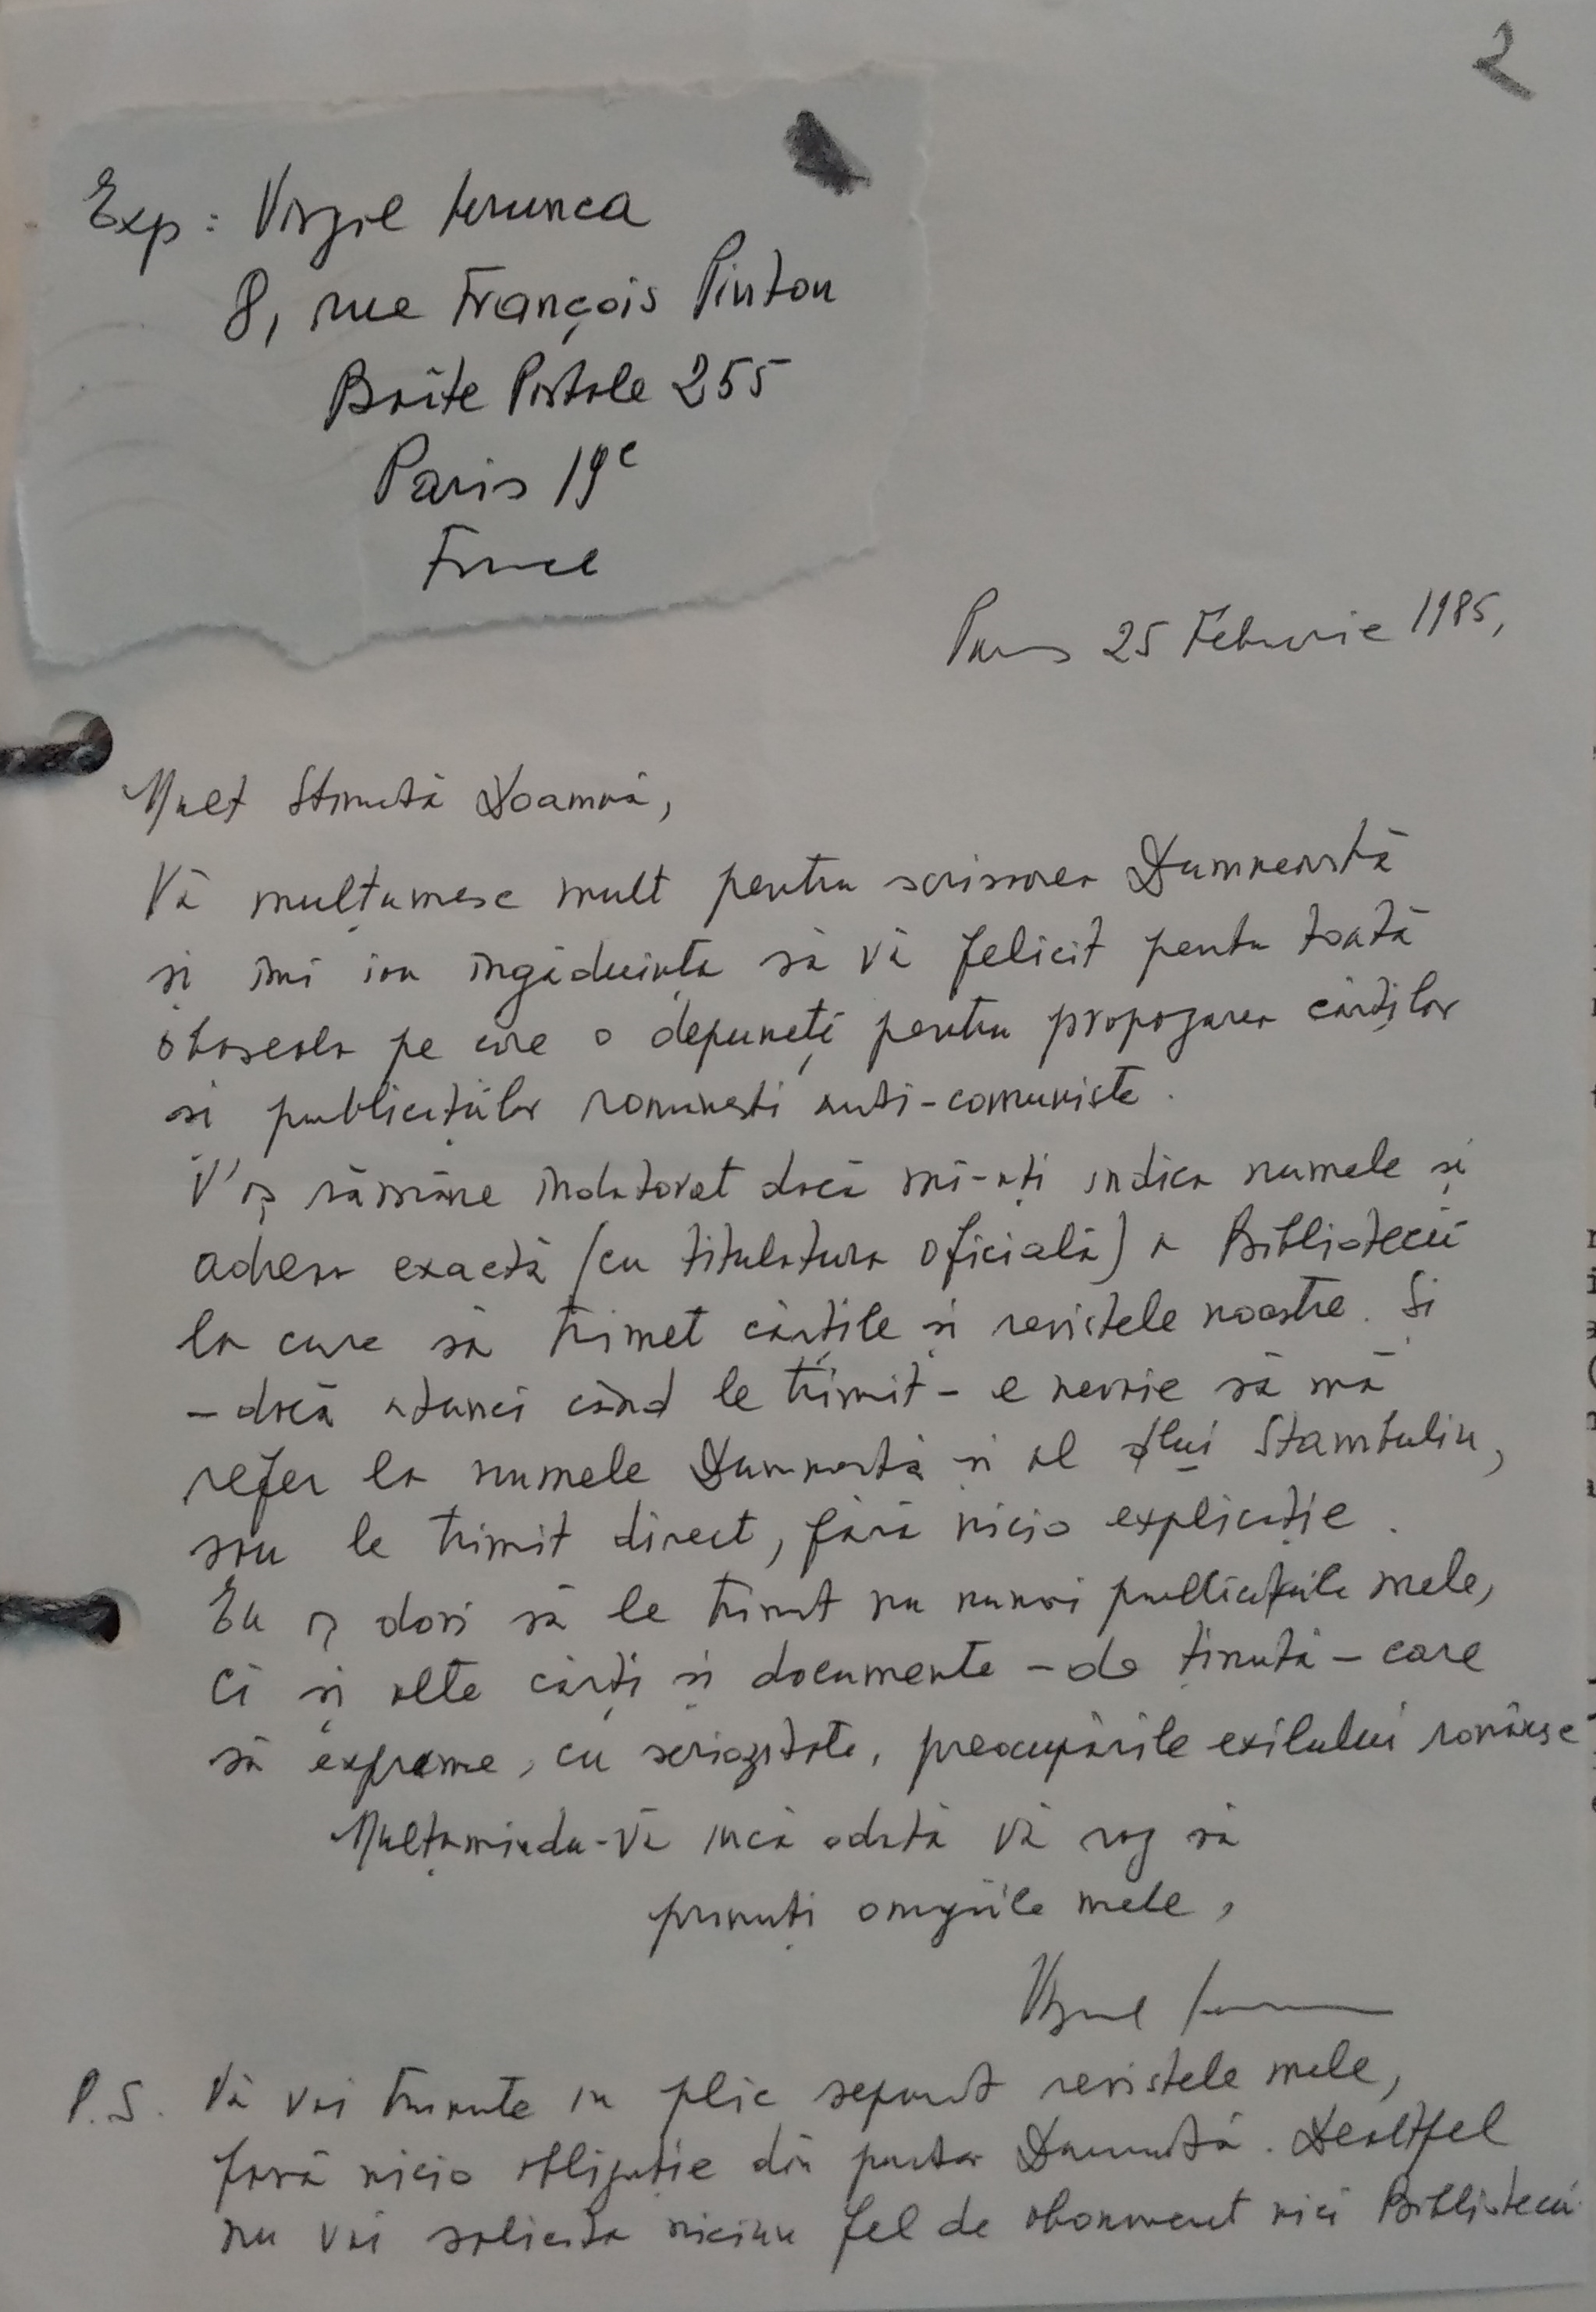 Letter from Virgil Ierunca to Sanda Budiș, 25 februarie 1985